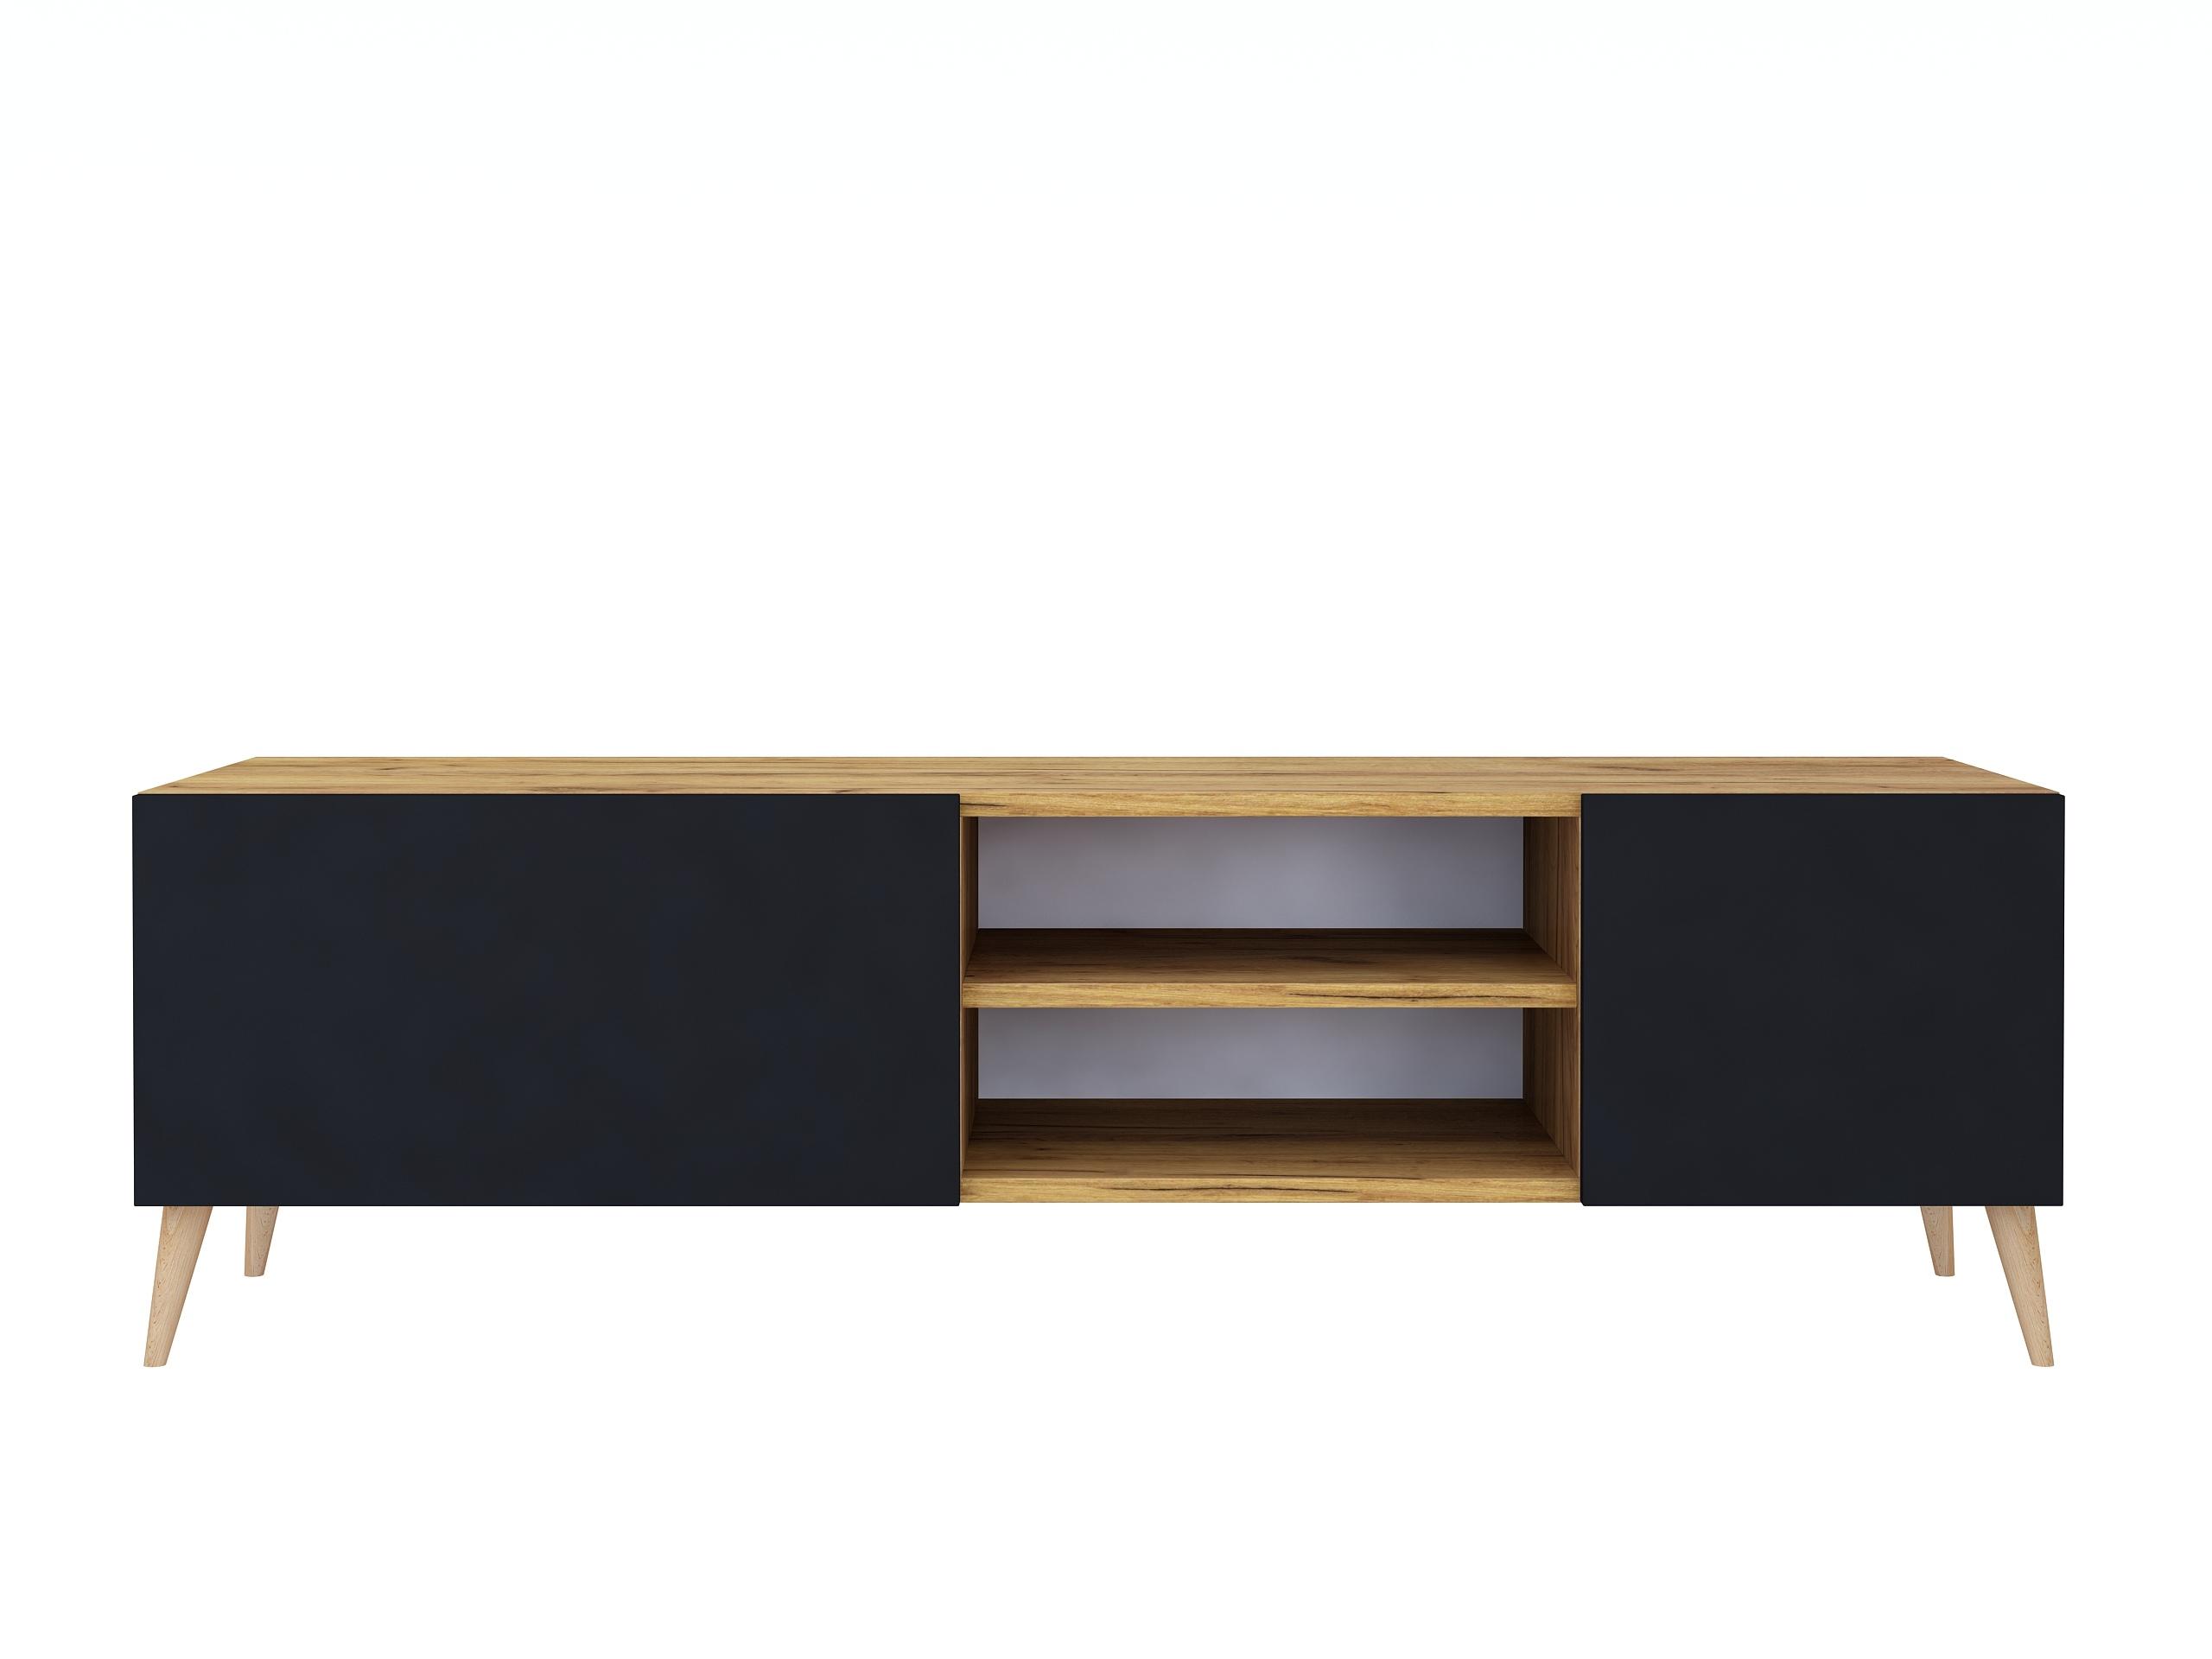 Szafka rtv Scandi Galicja2, 140 cm, dąb złoty i czarny mat